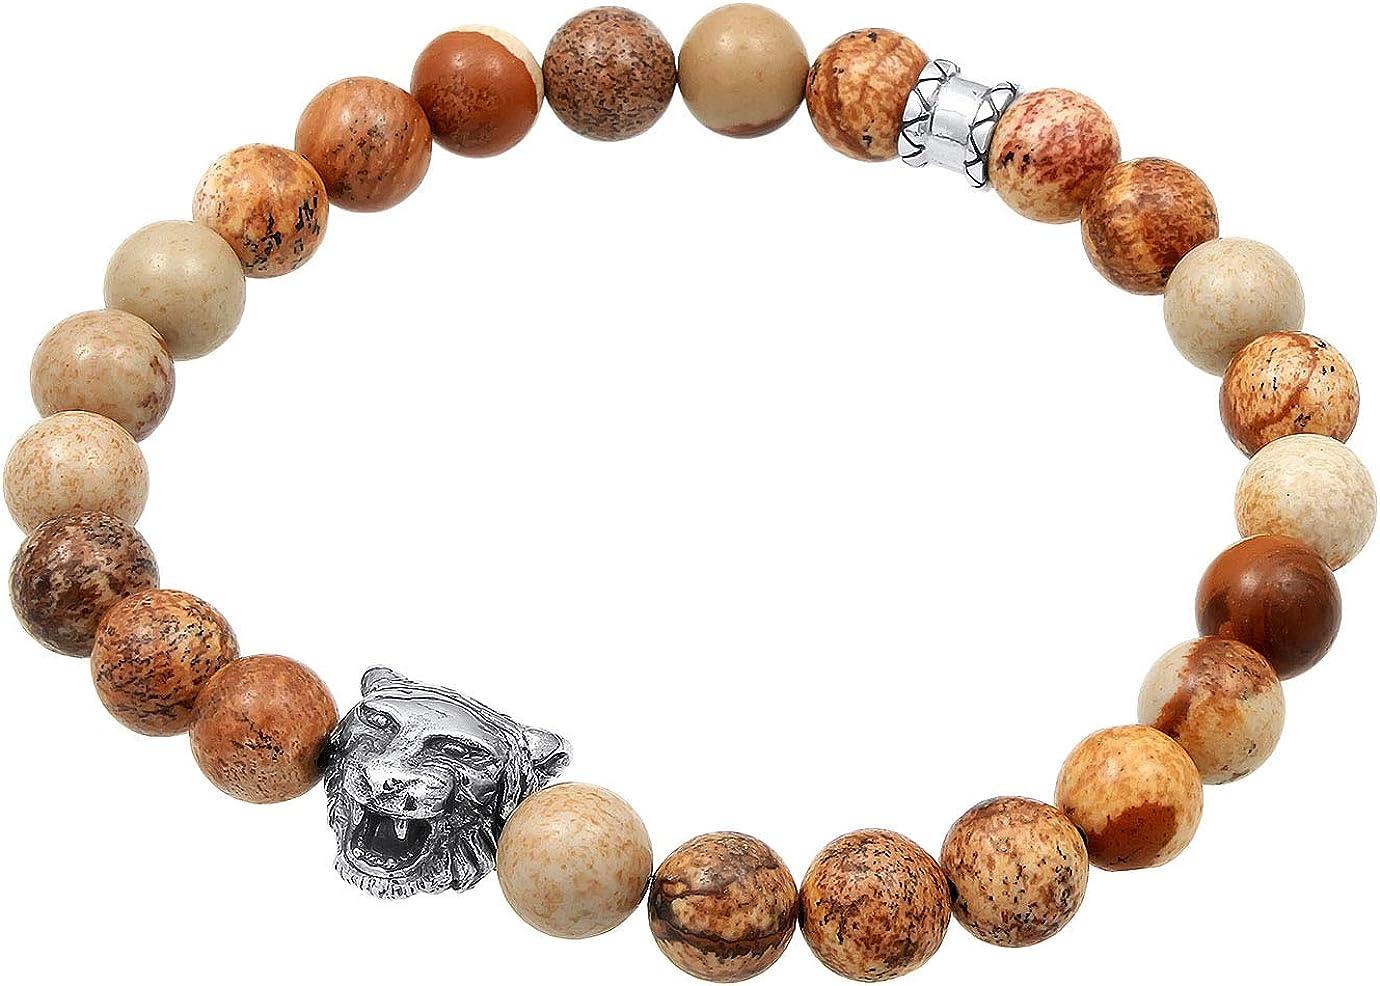 kuzzoi 0201490719_19 - Pulsera de Buda para hombre con piedras preciosas de ágata marrón y colgante de cabeza de tigre de plata de ley 925, longitud 19 cm